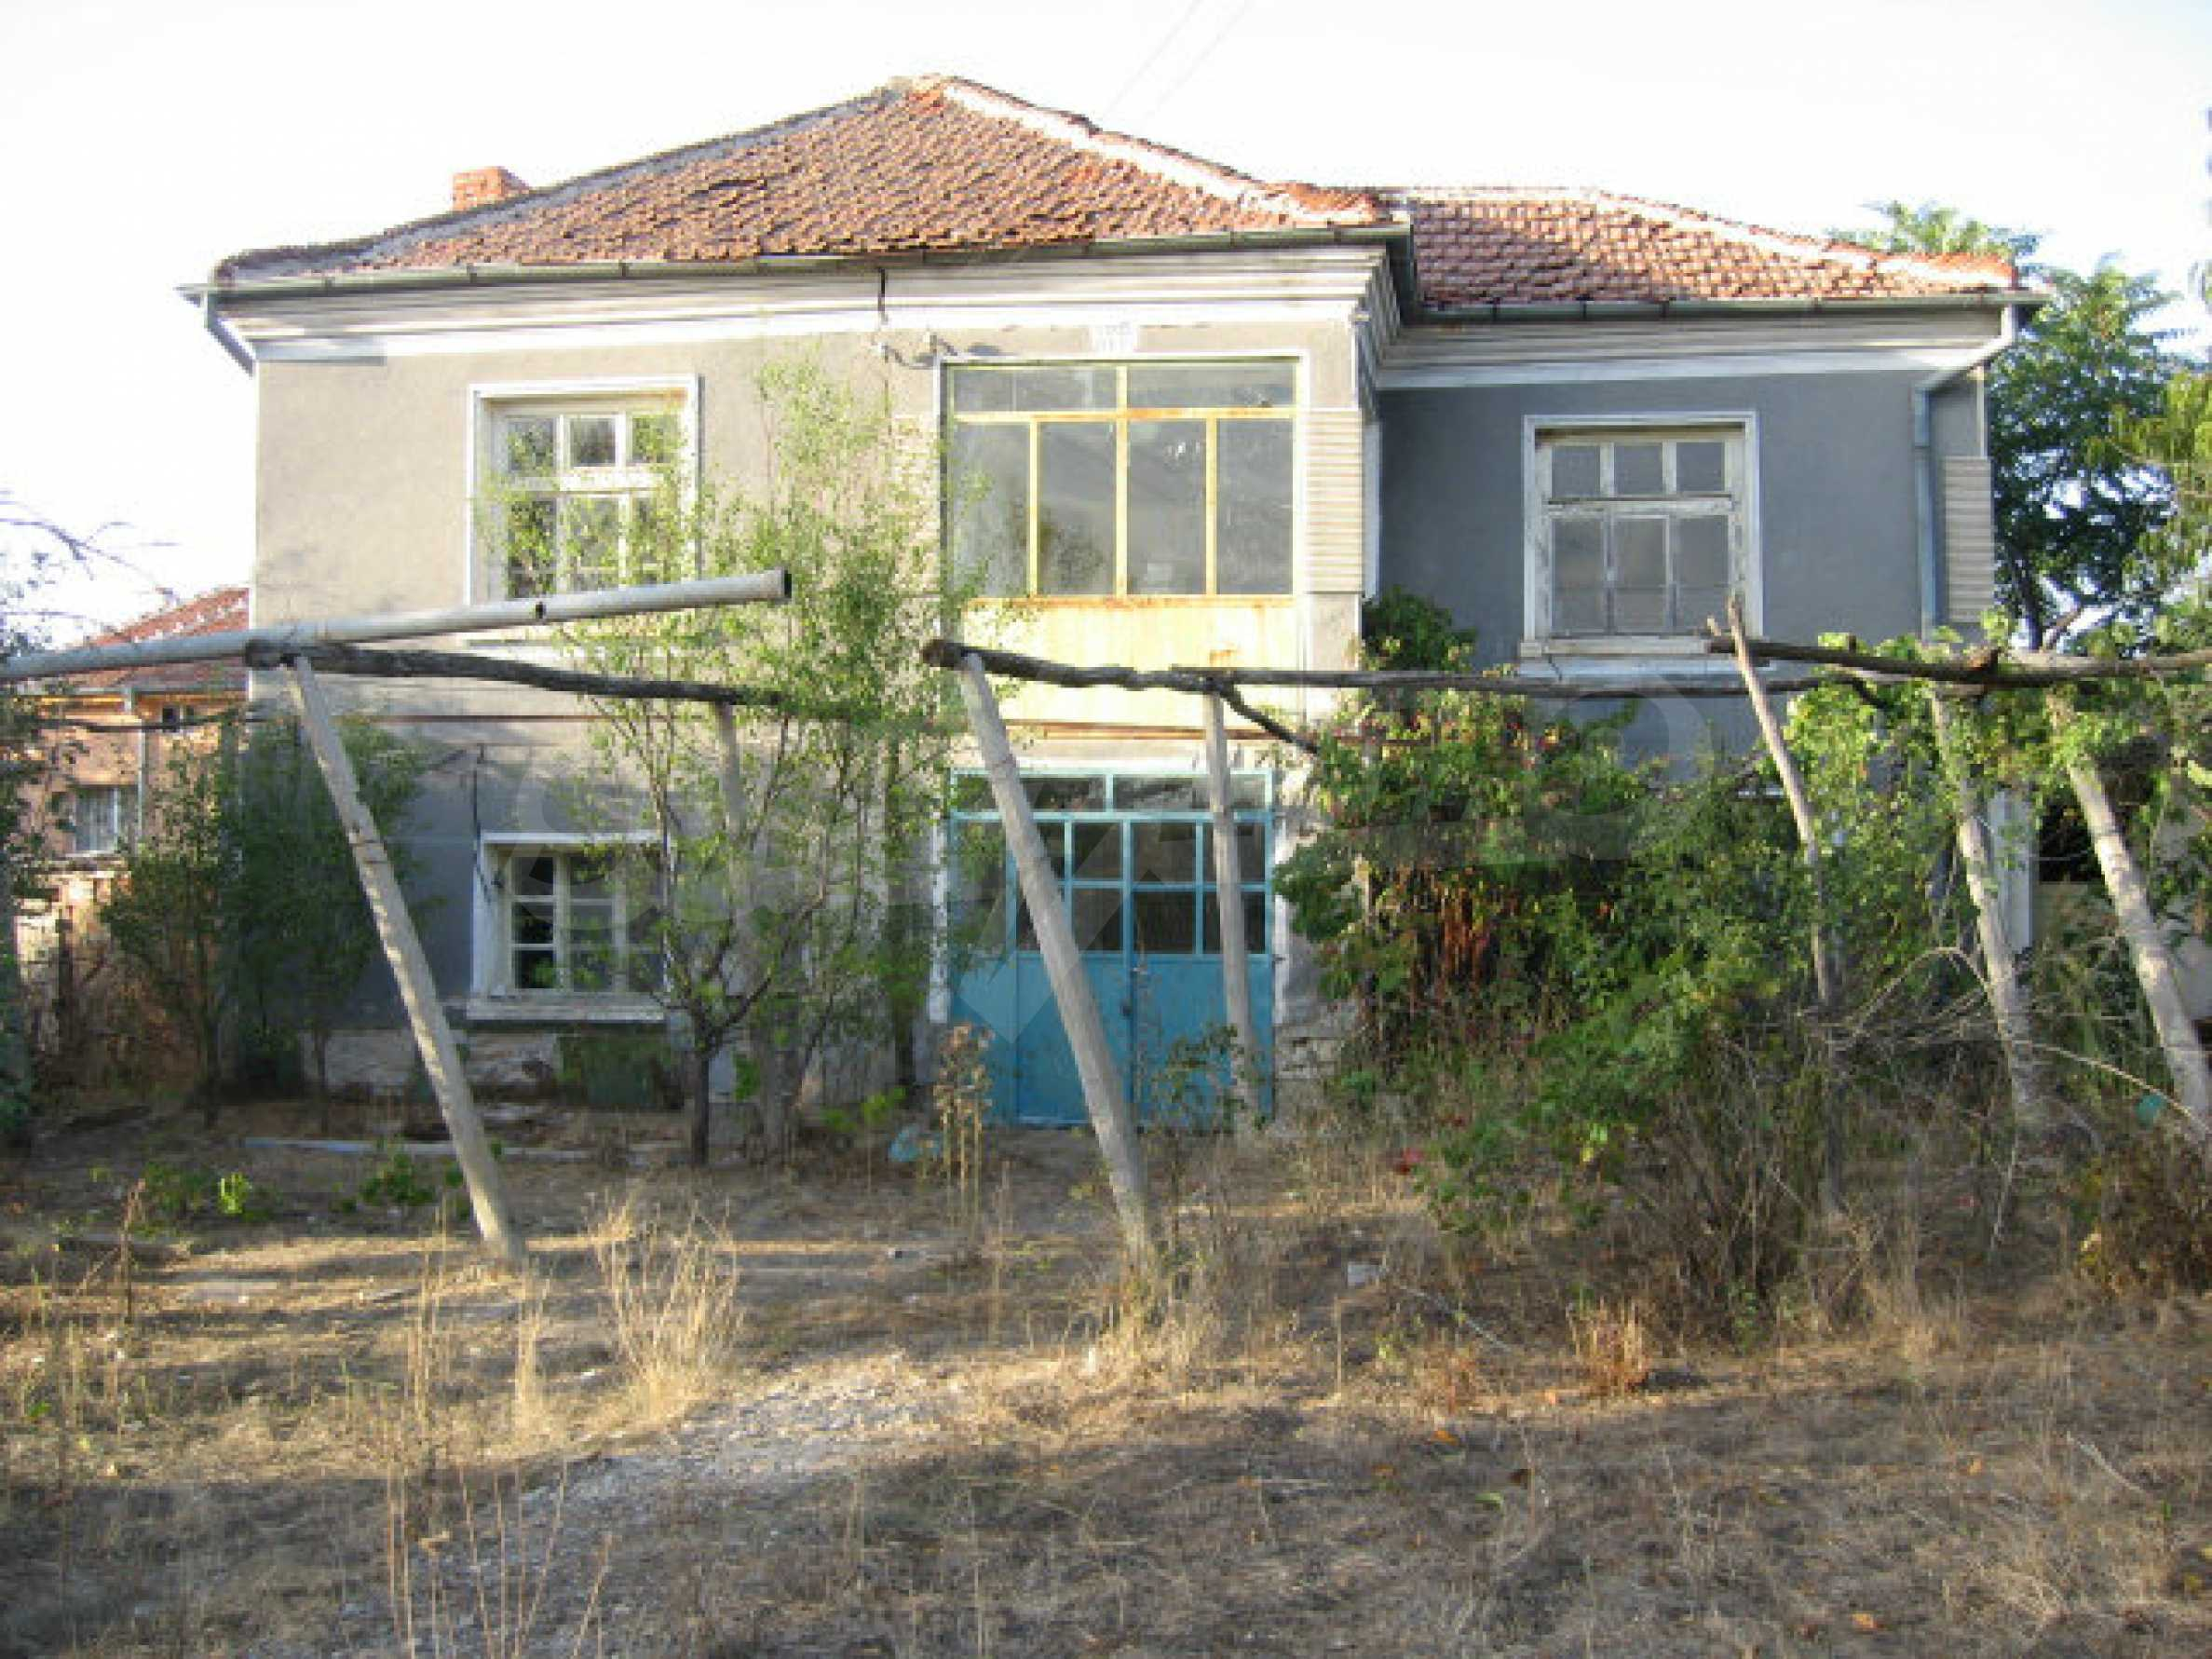 Sonniges zweistöckiges Haus in einem kleinen Dorf in der Nähe der Flüsse Tundzha und Elhovo 1